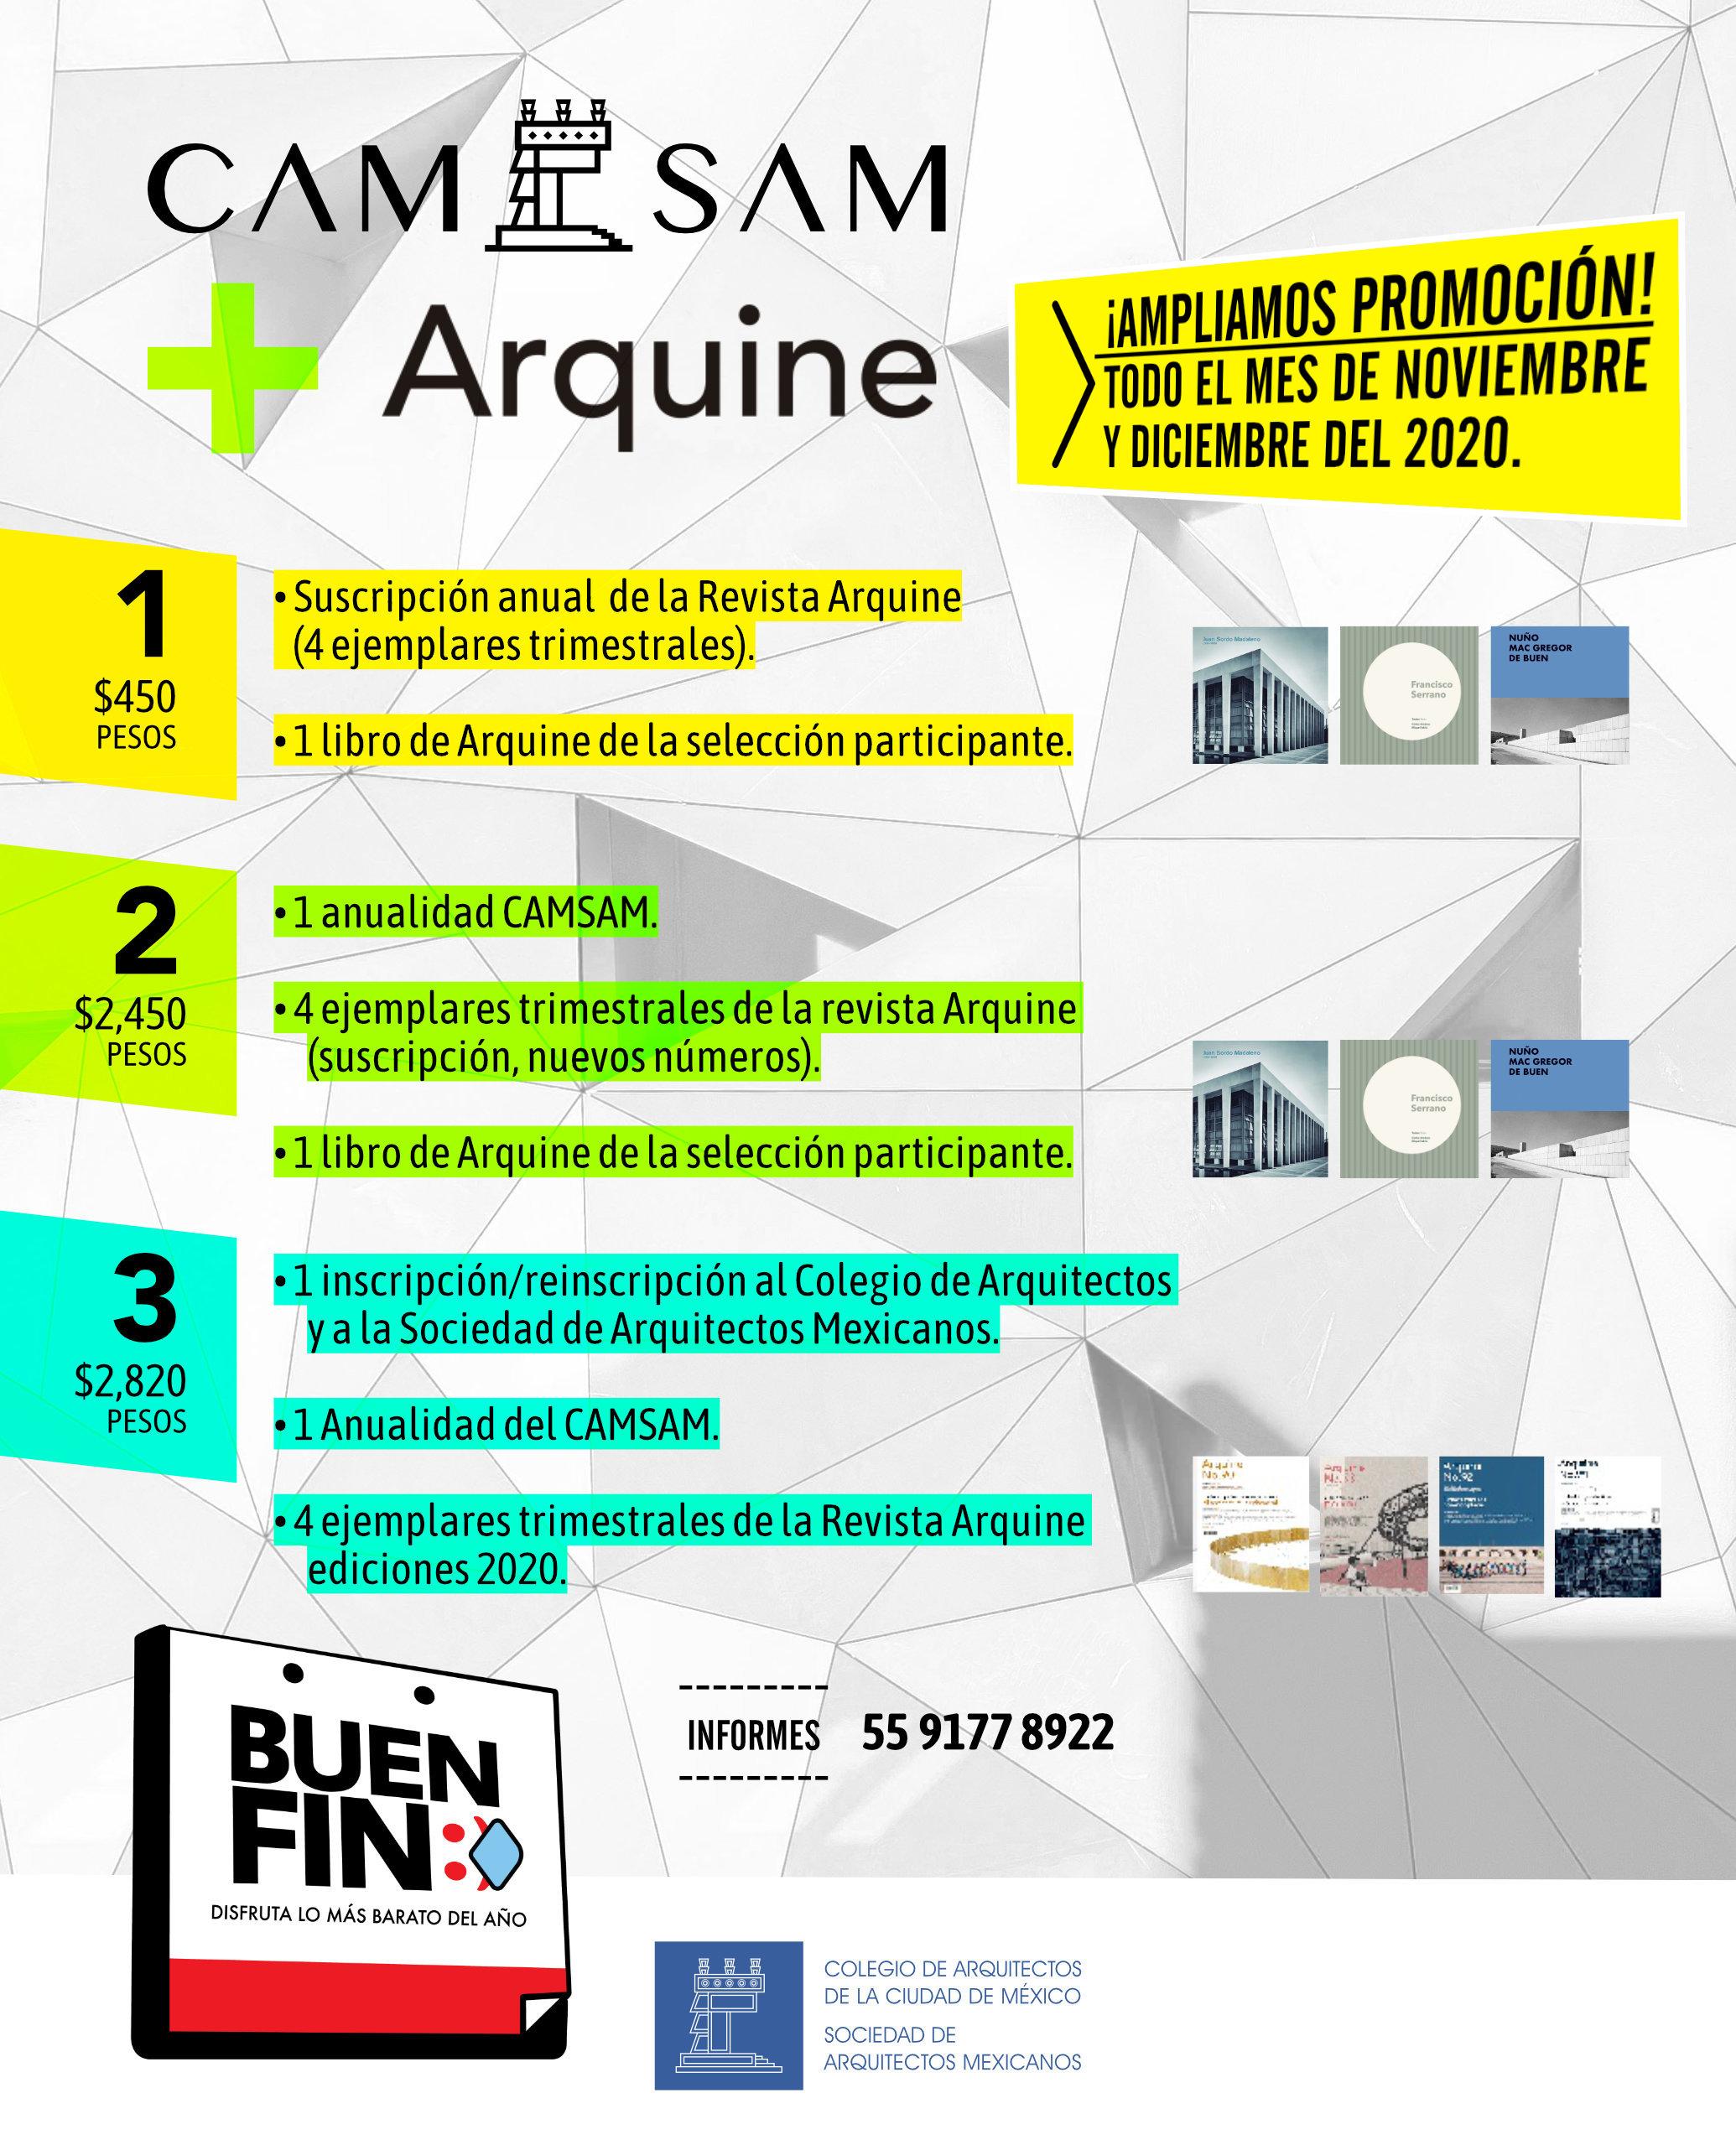 buenfin_CAMSAM+Arquine_nov-dic